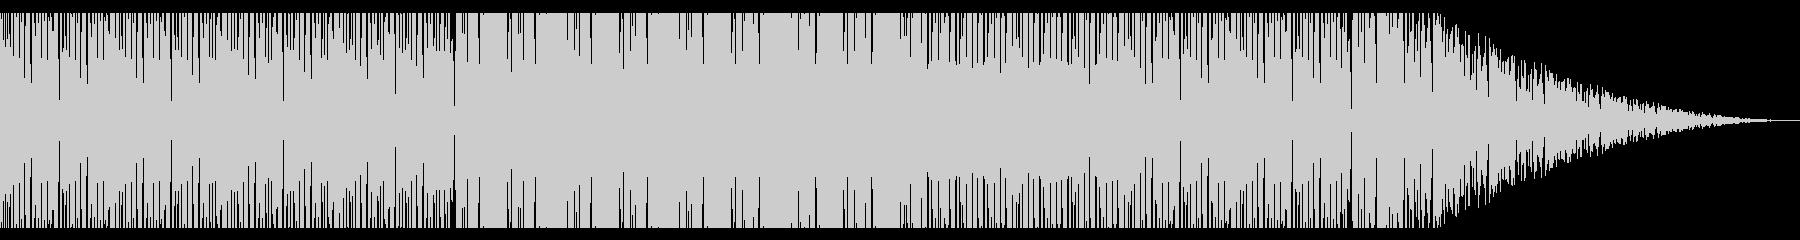 レトロな雰囲気のHipjopの未再生の波形